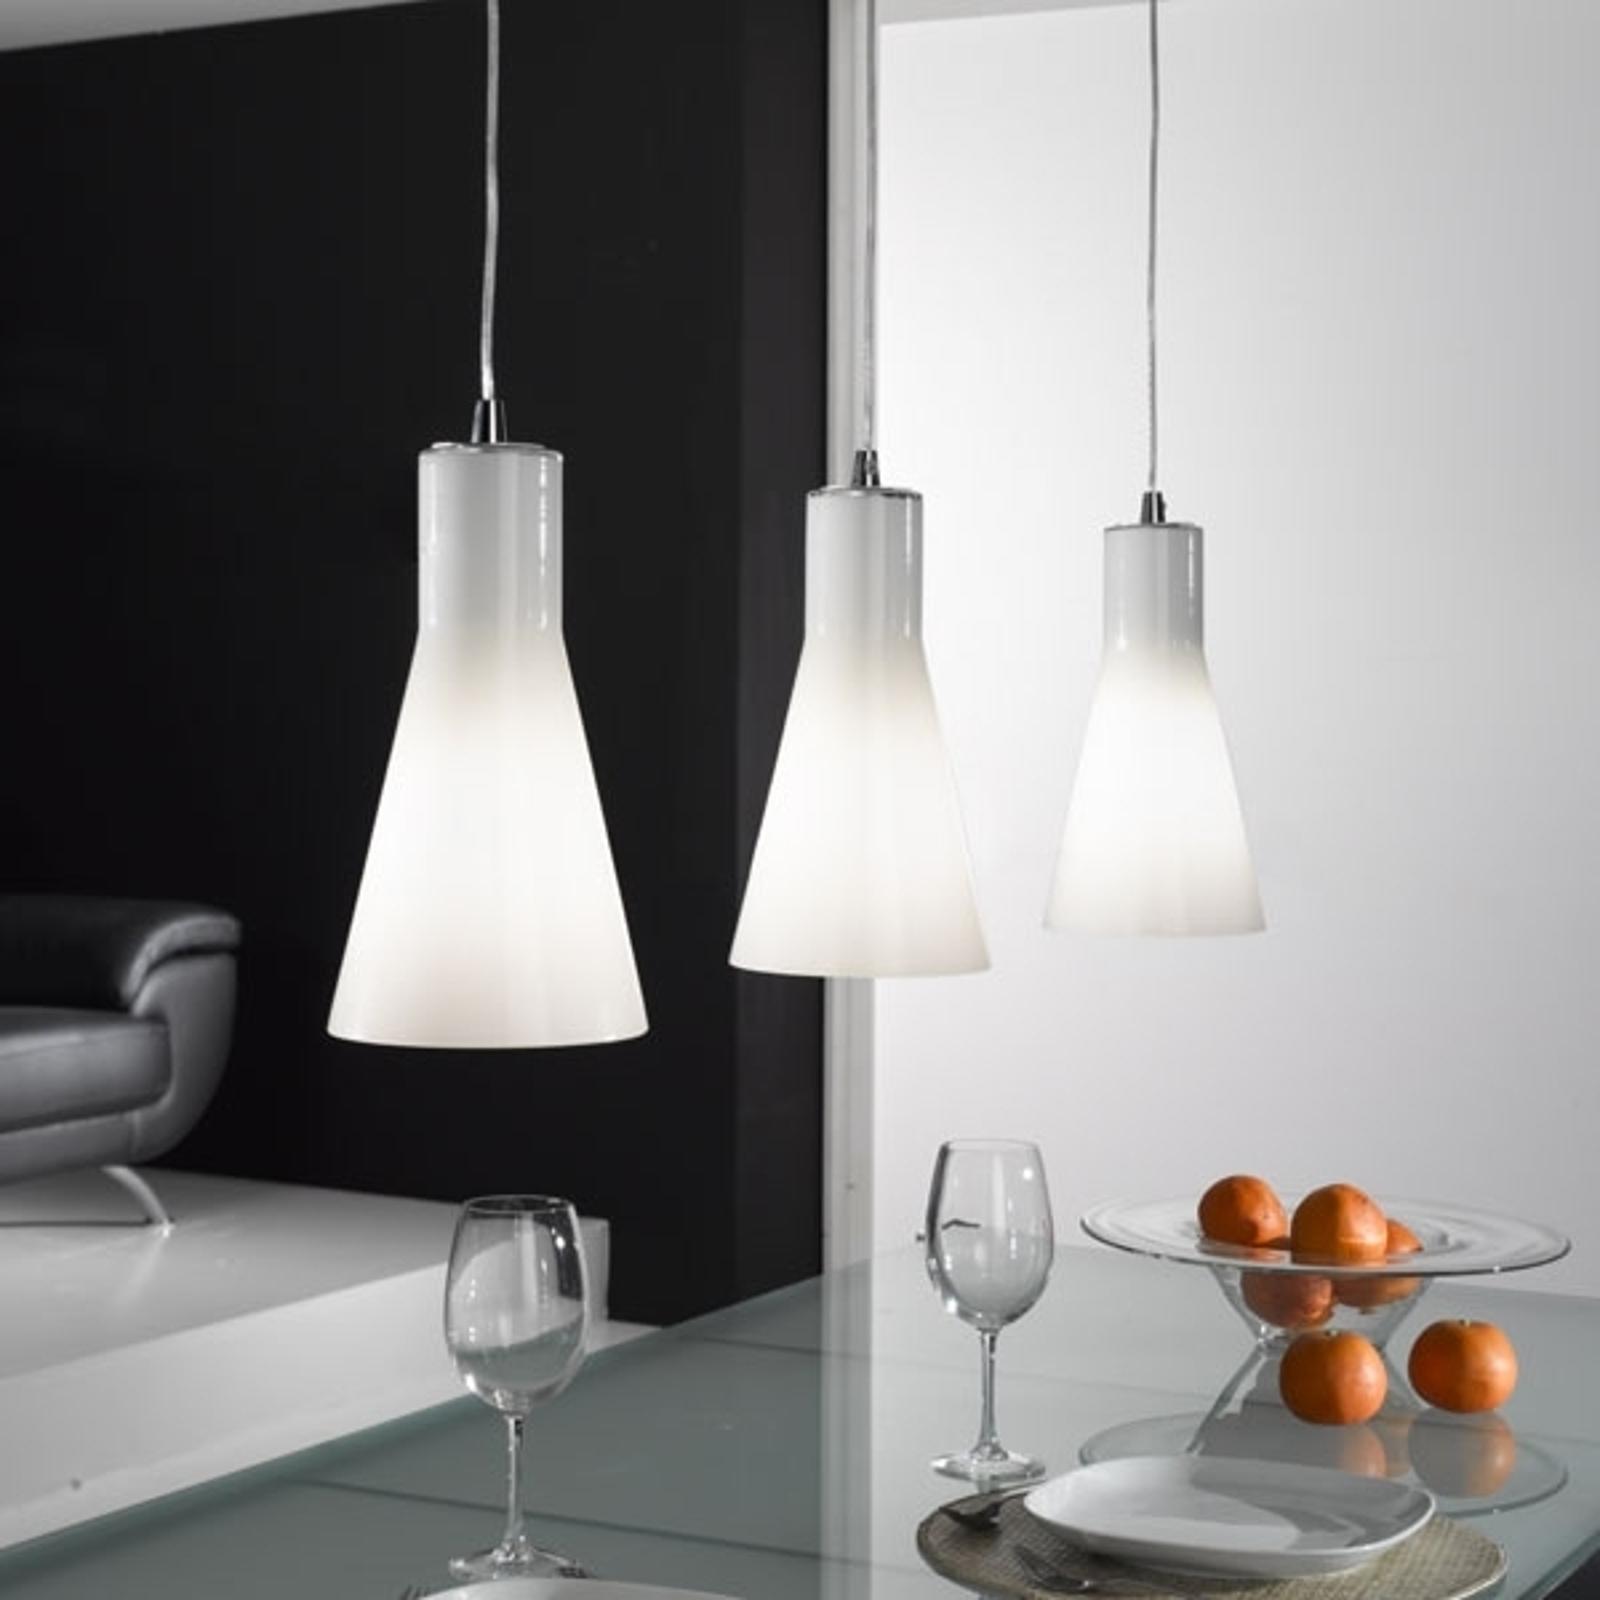 Lampa wisząca Dana ze szkła, 3-punktowa